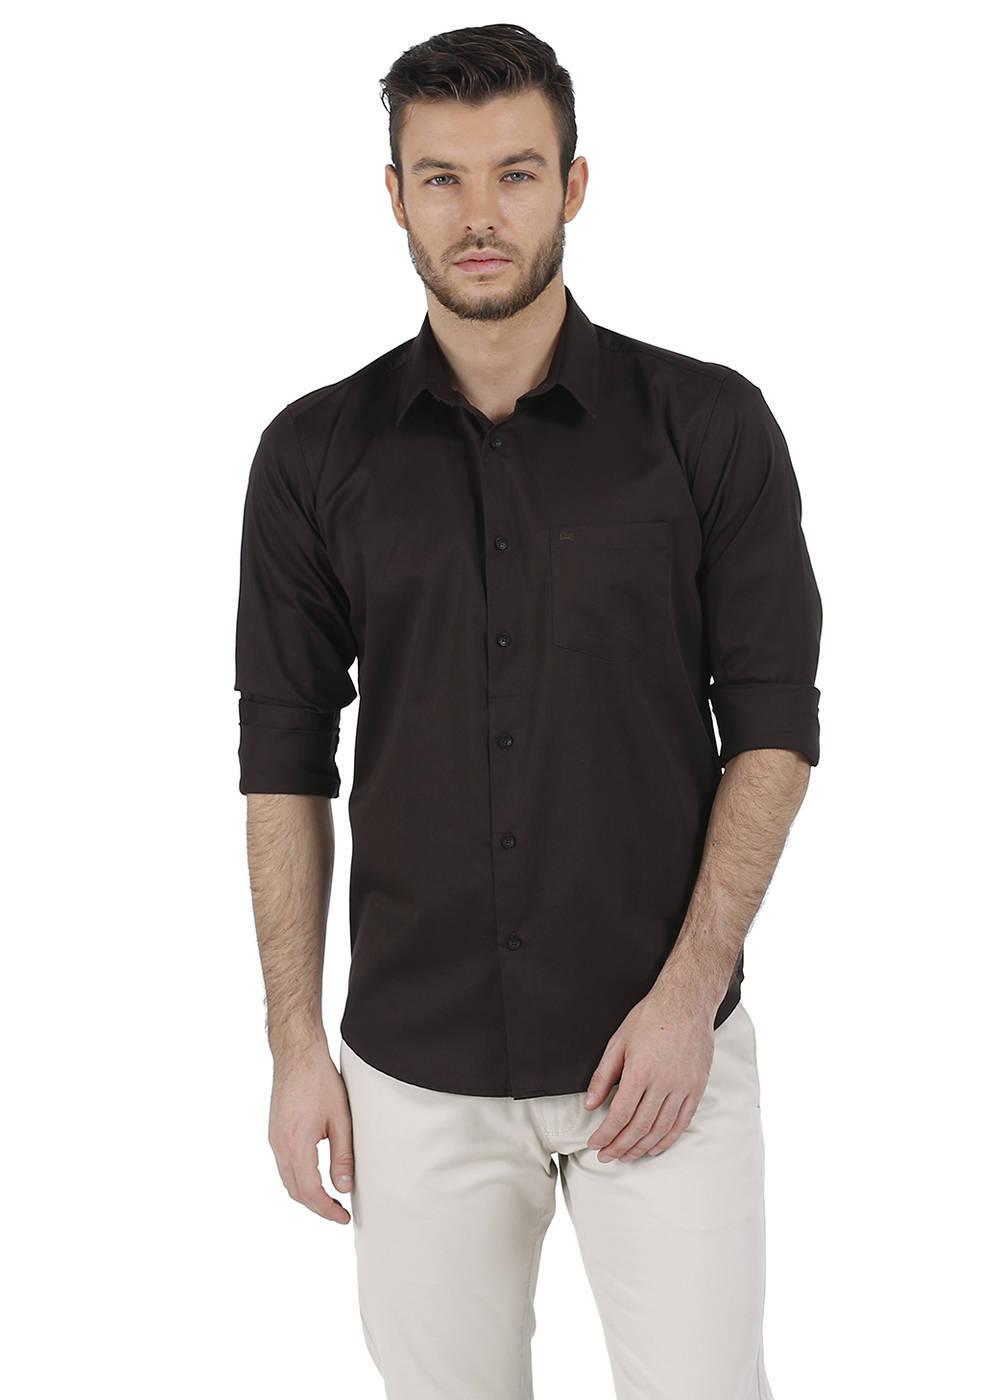 Basics   Basics Slim Fit Demitasse Brown Satin Shirt-16BCSH35252